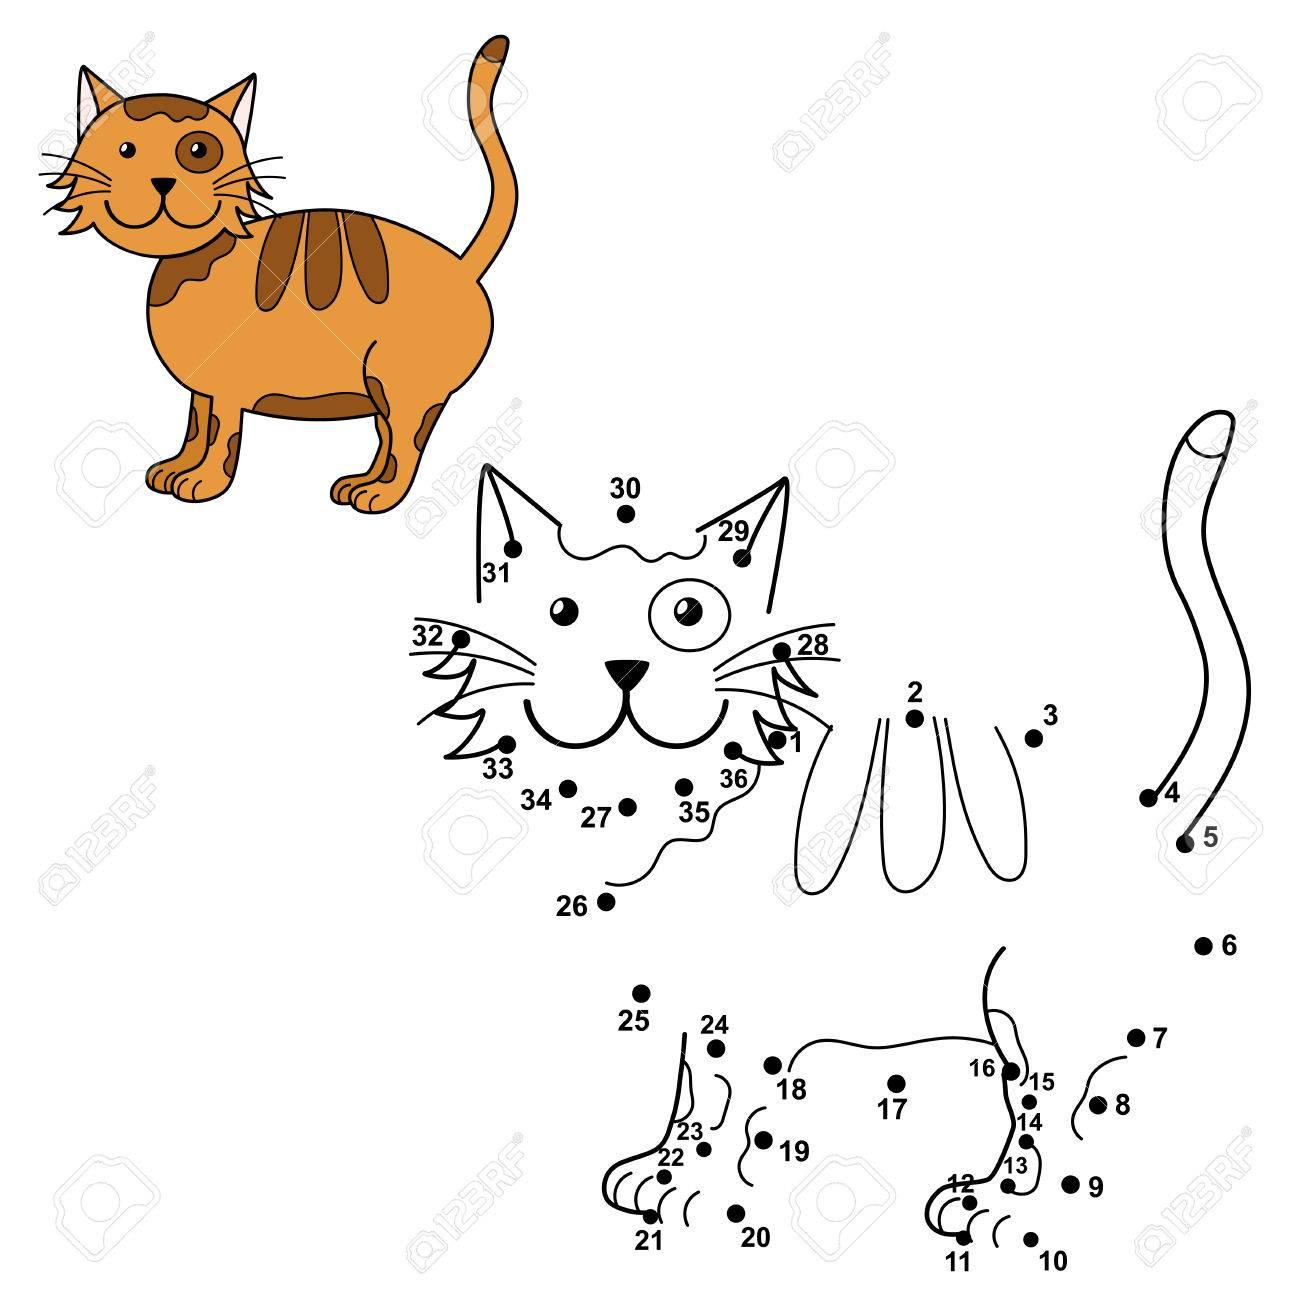 Conectar Los Puntos Para Dibujar El Gato Lindo Y Colorearlo. Números ...